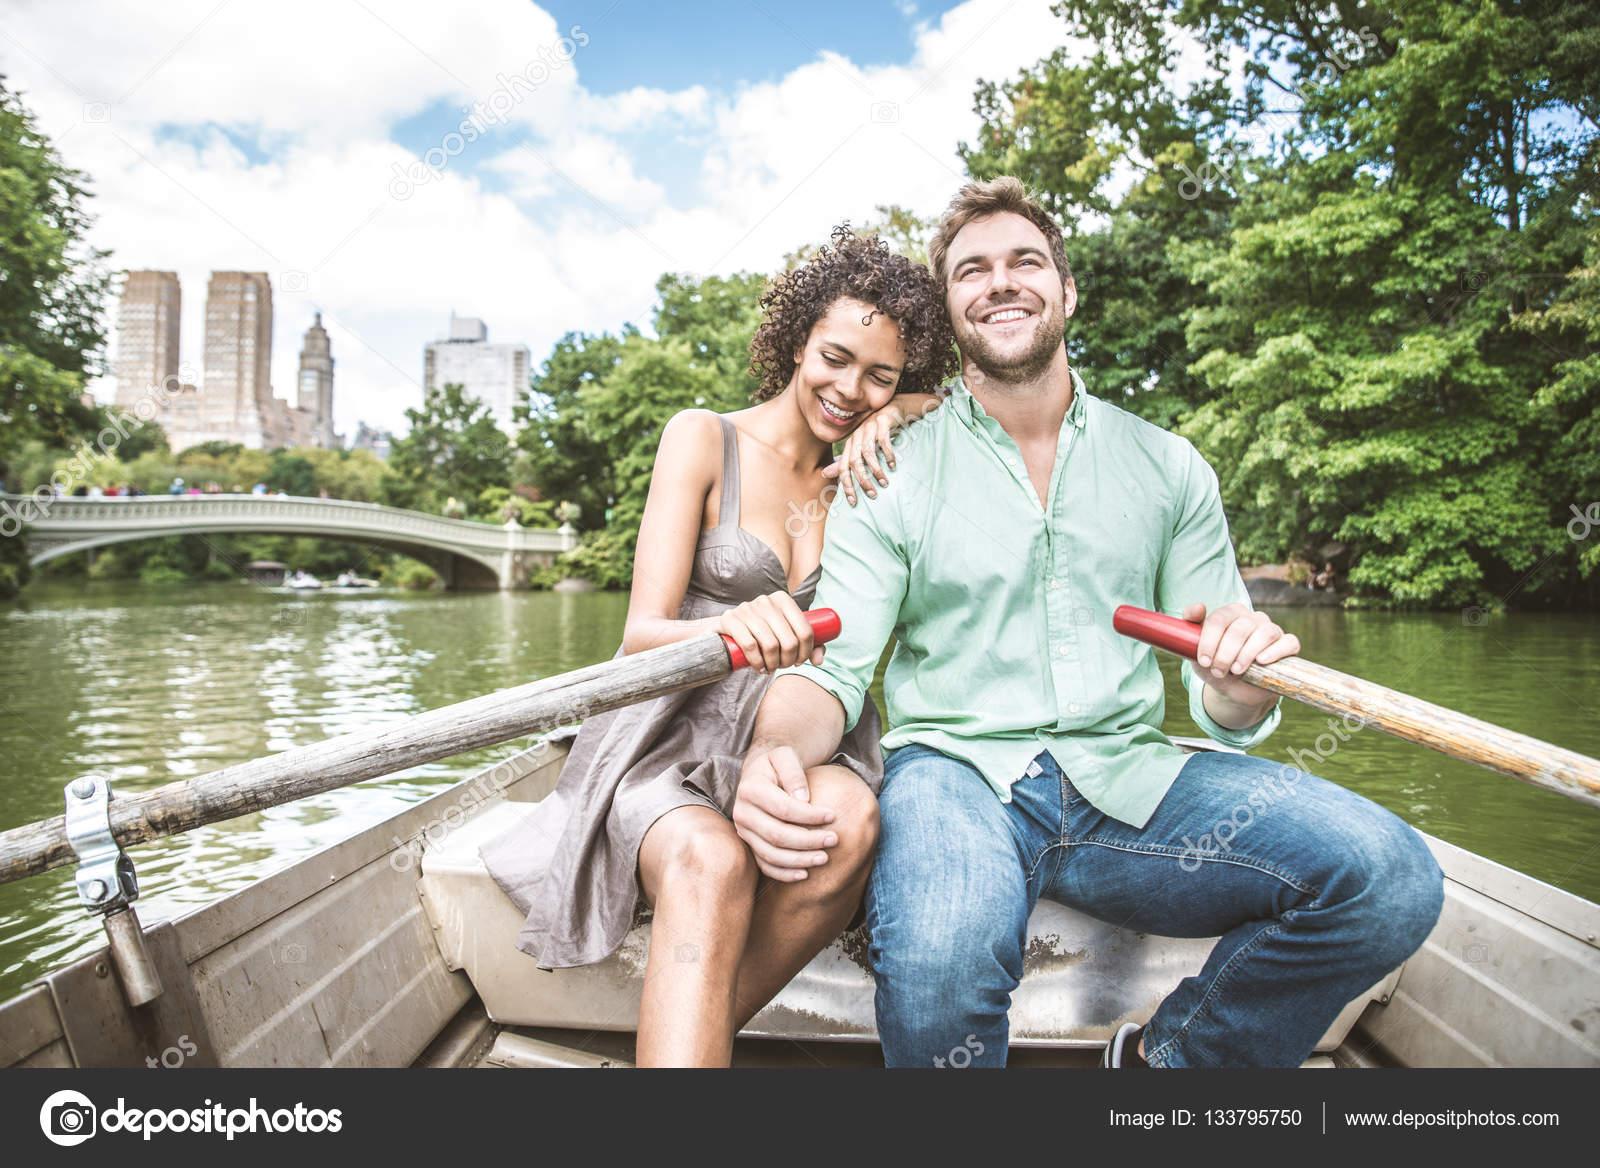 centla cuál es el mejor sitio de citas interraciales